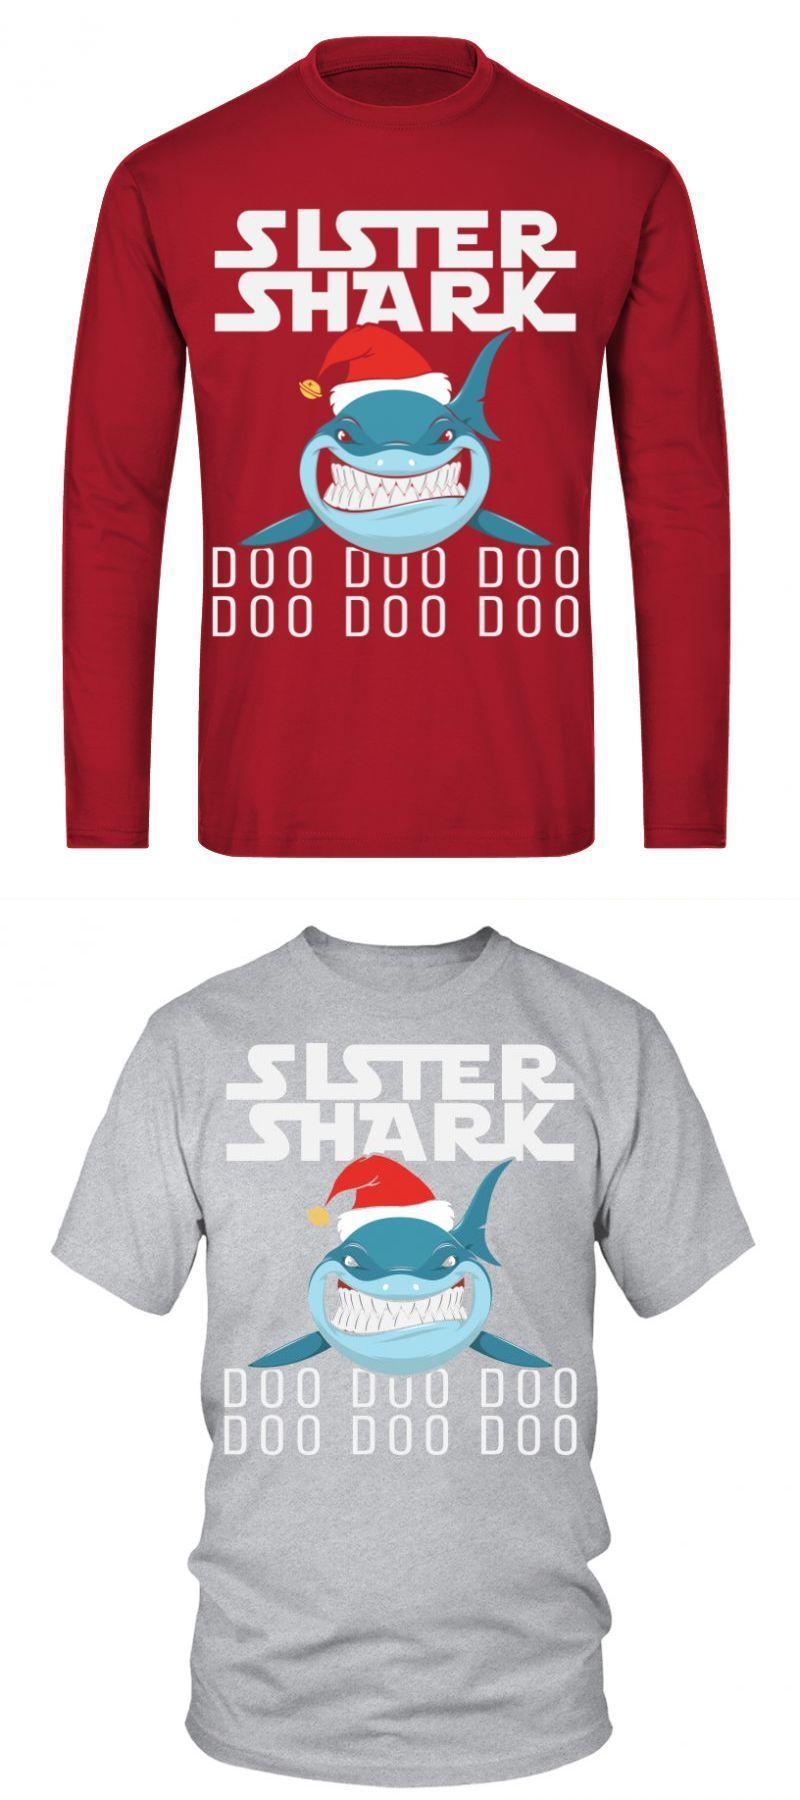 b2eb349e Mardi gras t shirt designs chemises de requin de noël (1) mardi gras t shirt  dresses #mardi #gras #shirt #designs #chemises #de #requin #noël #(1)  #dresses ...